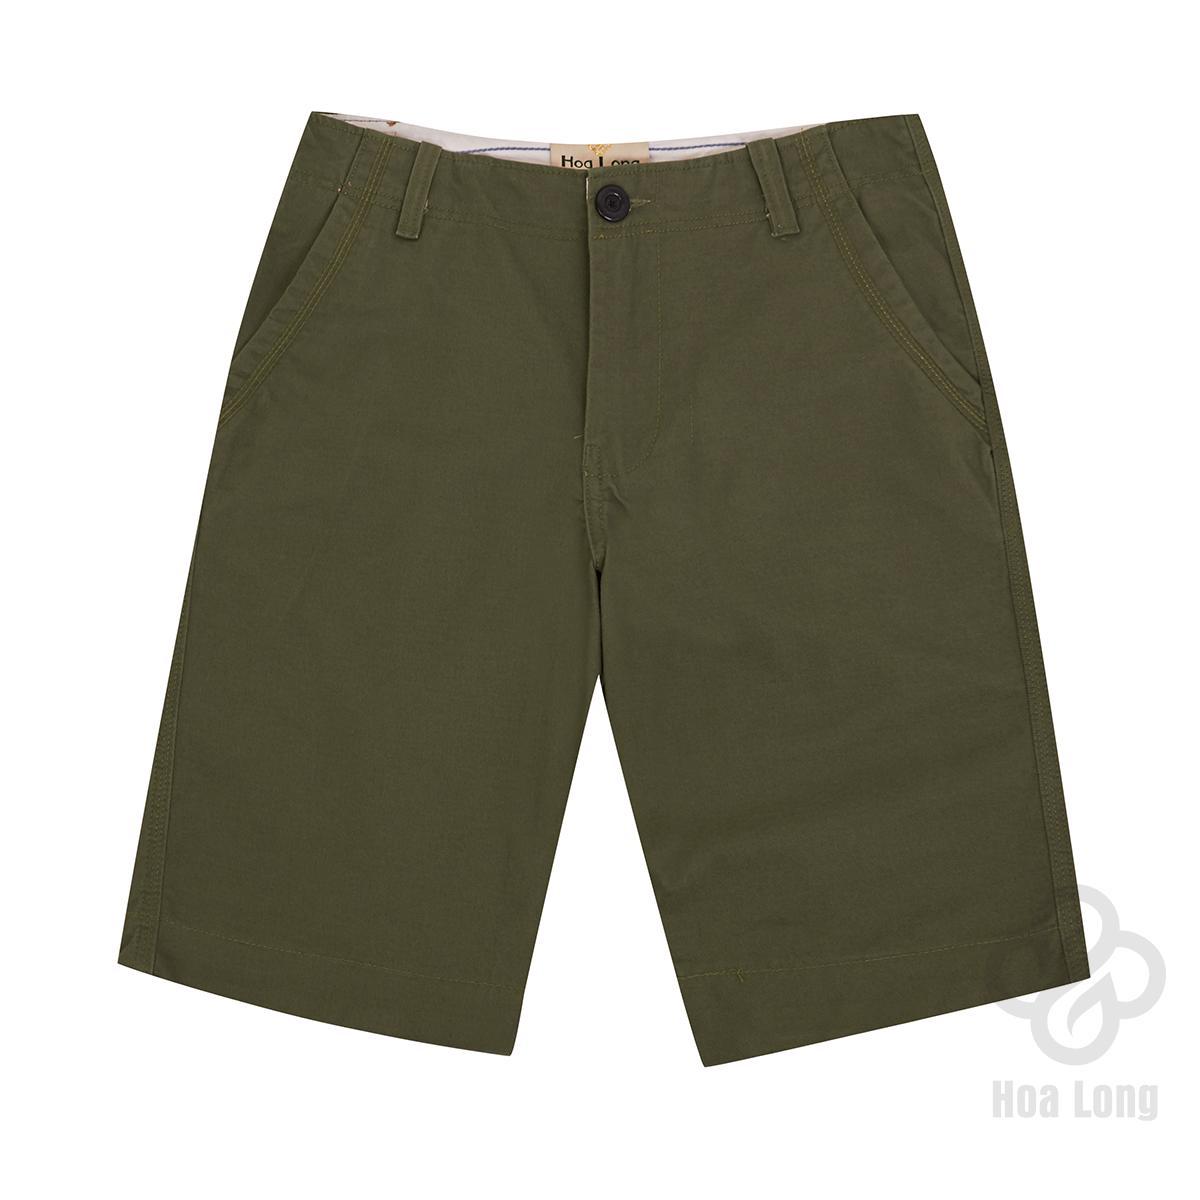 Quần Short Kaki Nam 100 Cotton Cao Cấp Xanh Reu Hoa Long Co Big Size Vietnam Chiết Khấu